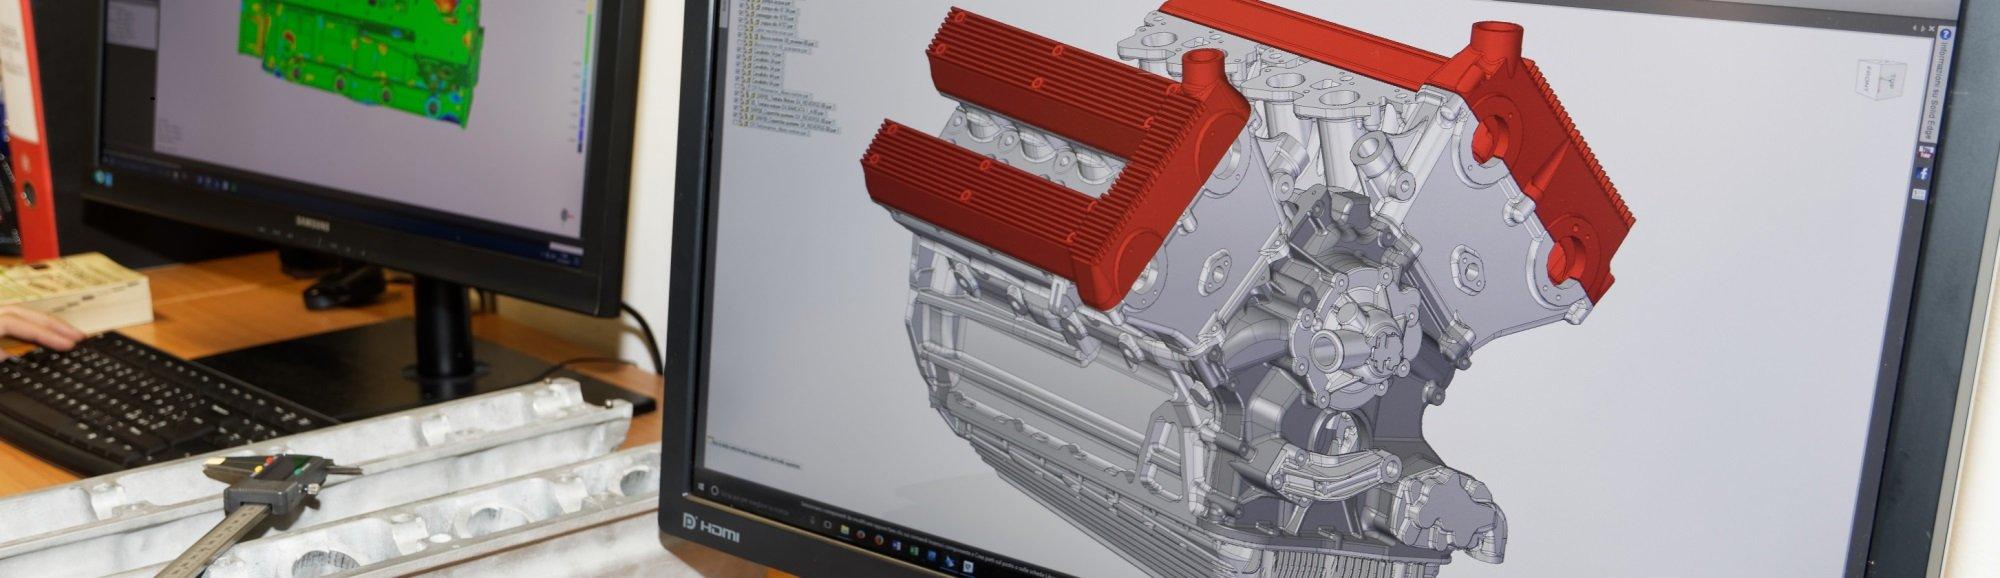 Ufficio tecnico progettazione 3D